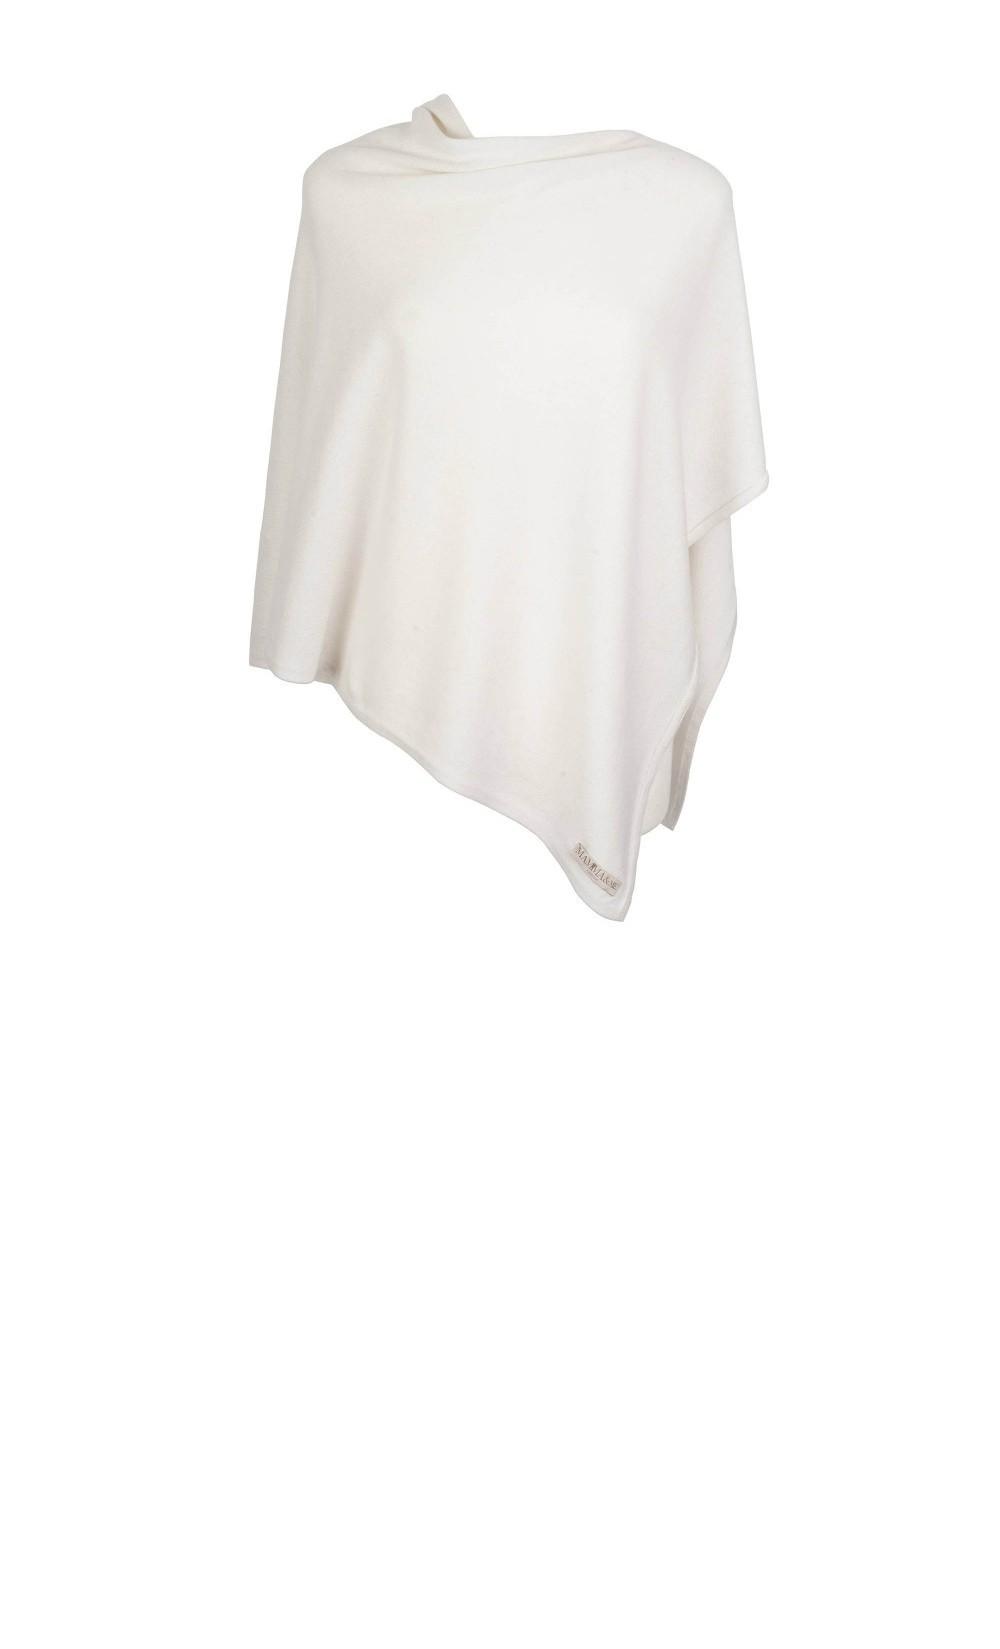 cashmere-poncho-winter-white-2